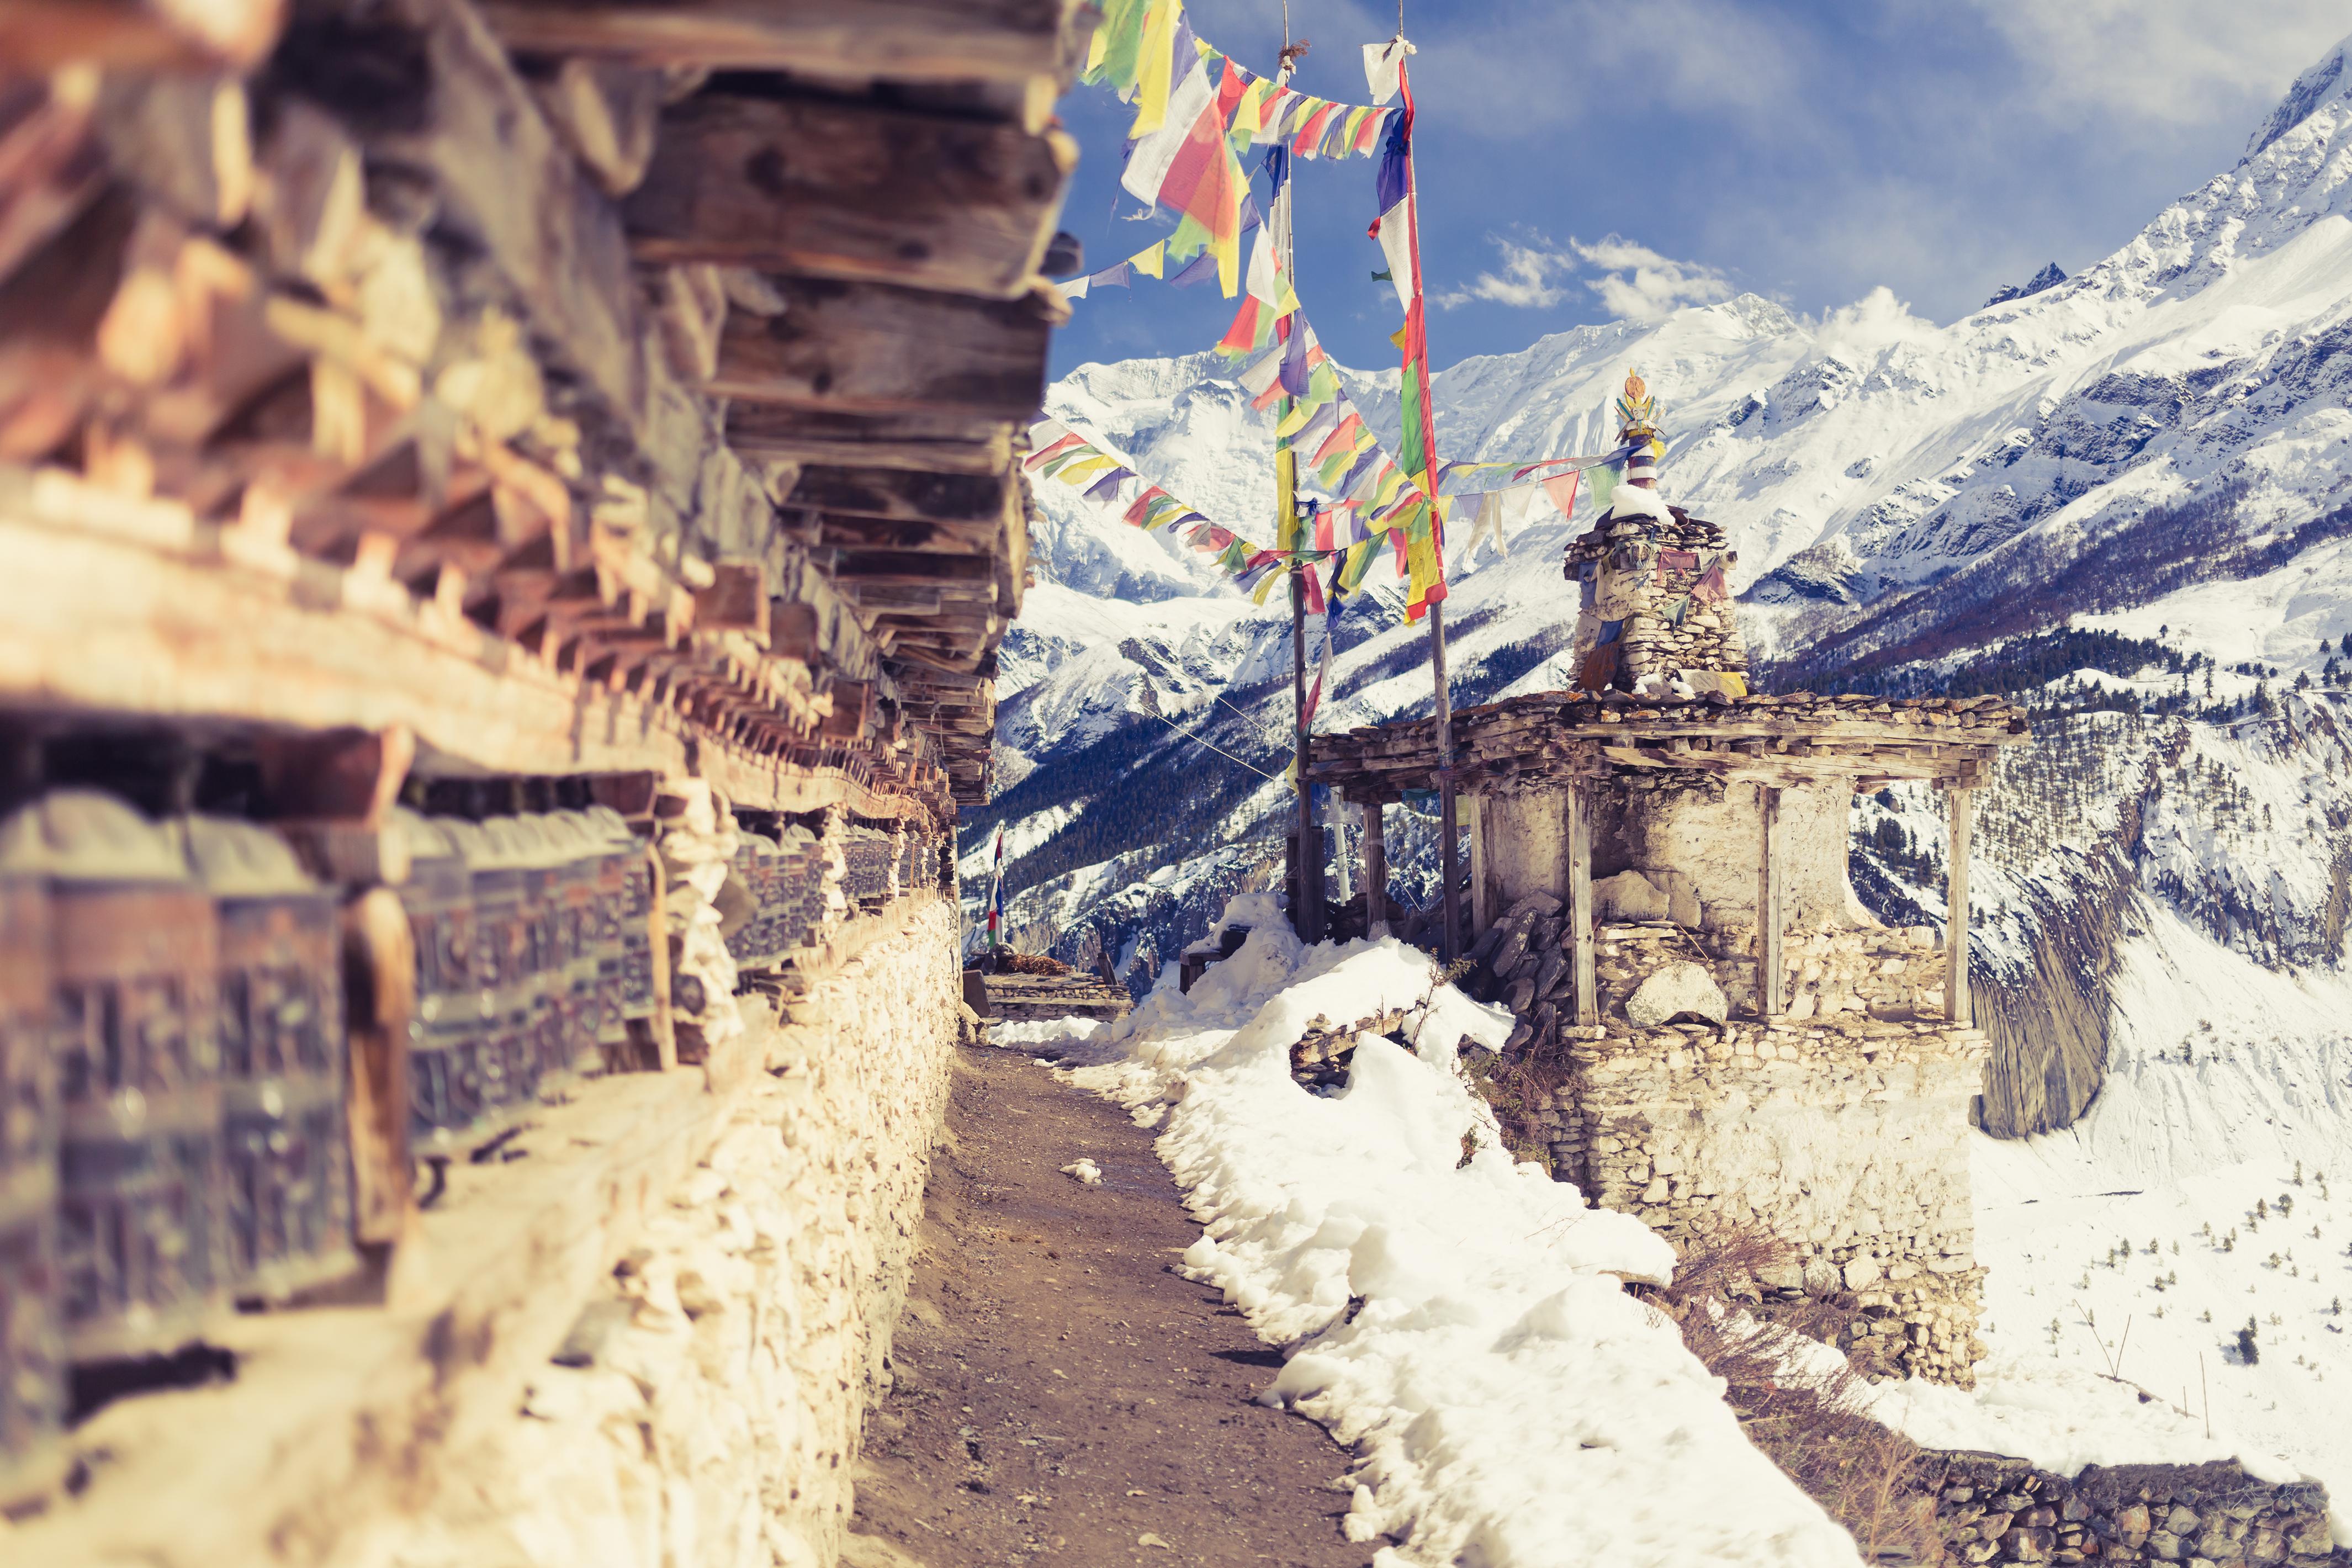 Treating Depression - Prayer Wheels In High Himalaya Mountains, Nepal Village